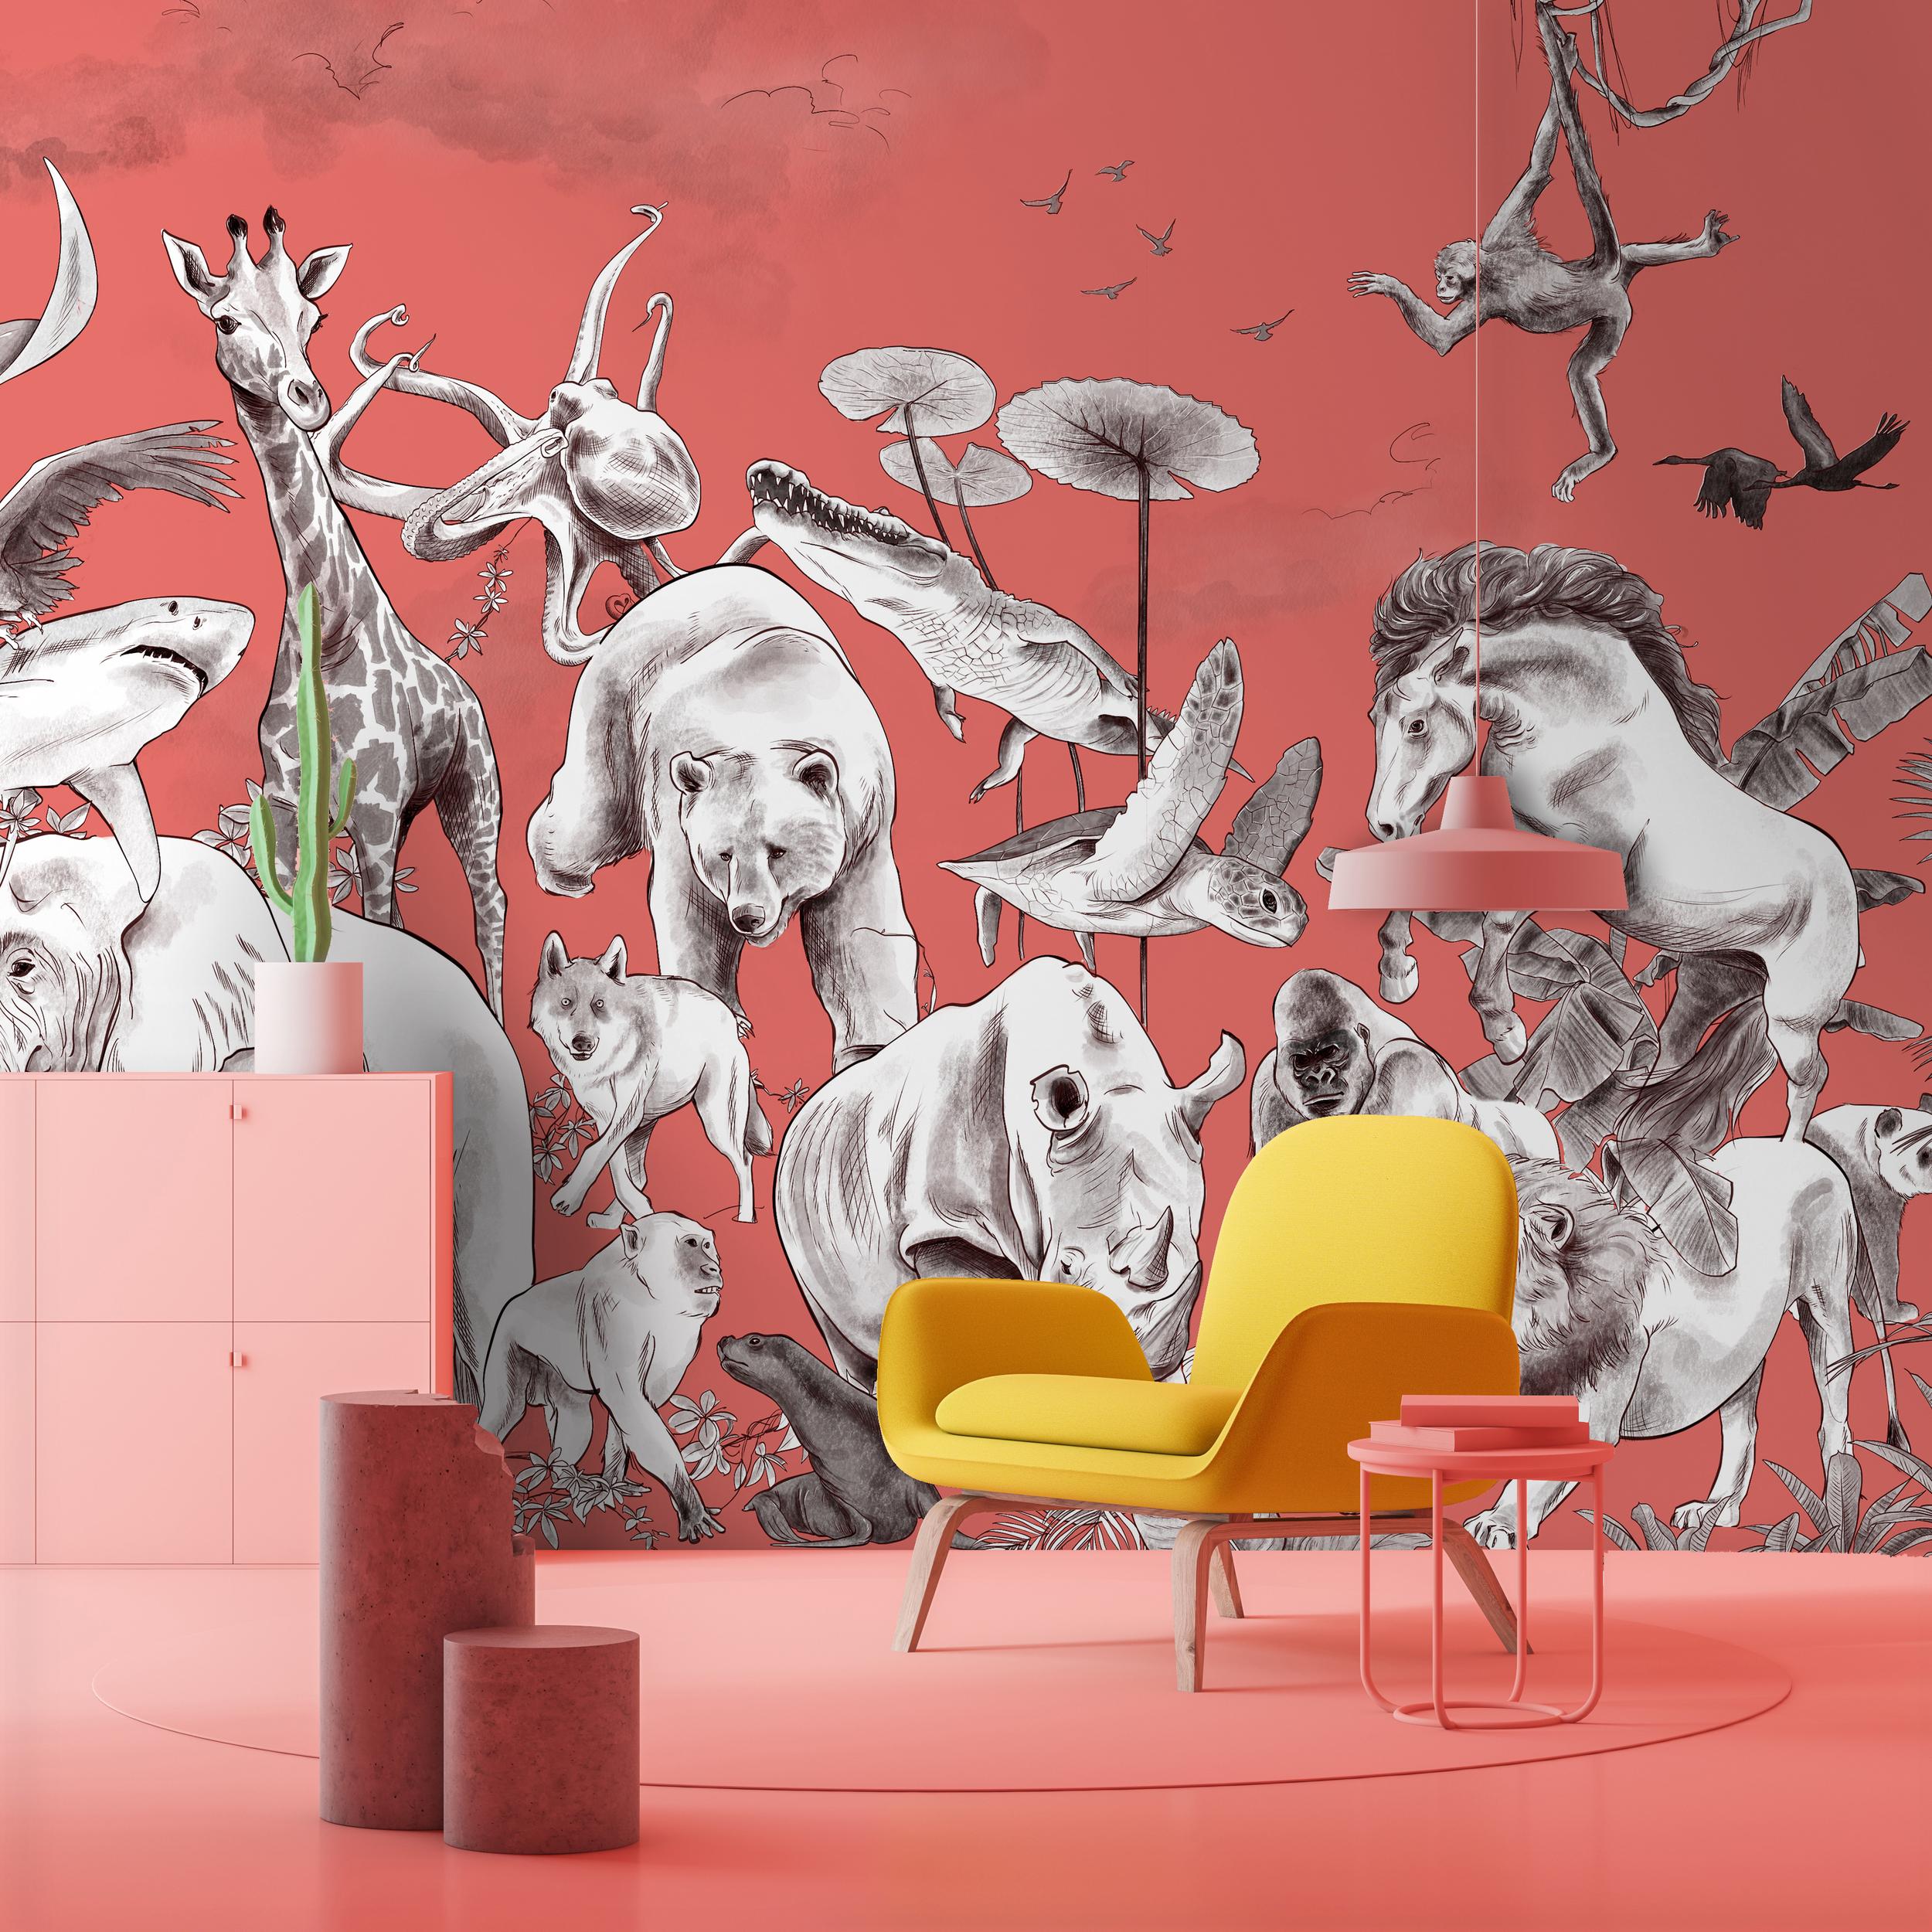 Noé - PaperMint - fresque - H300